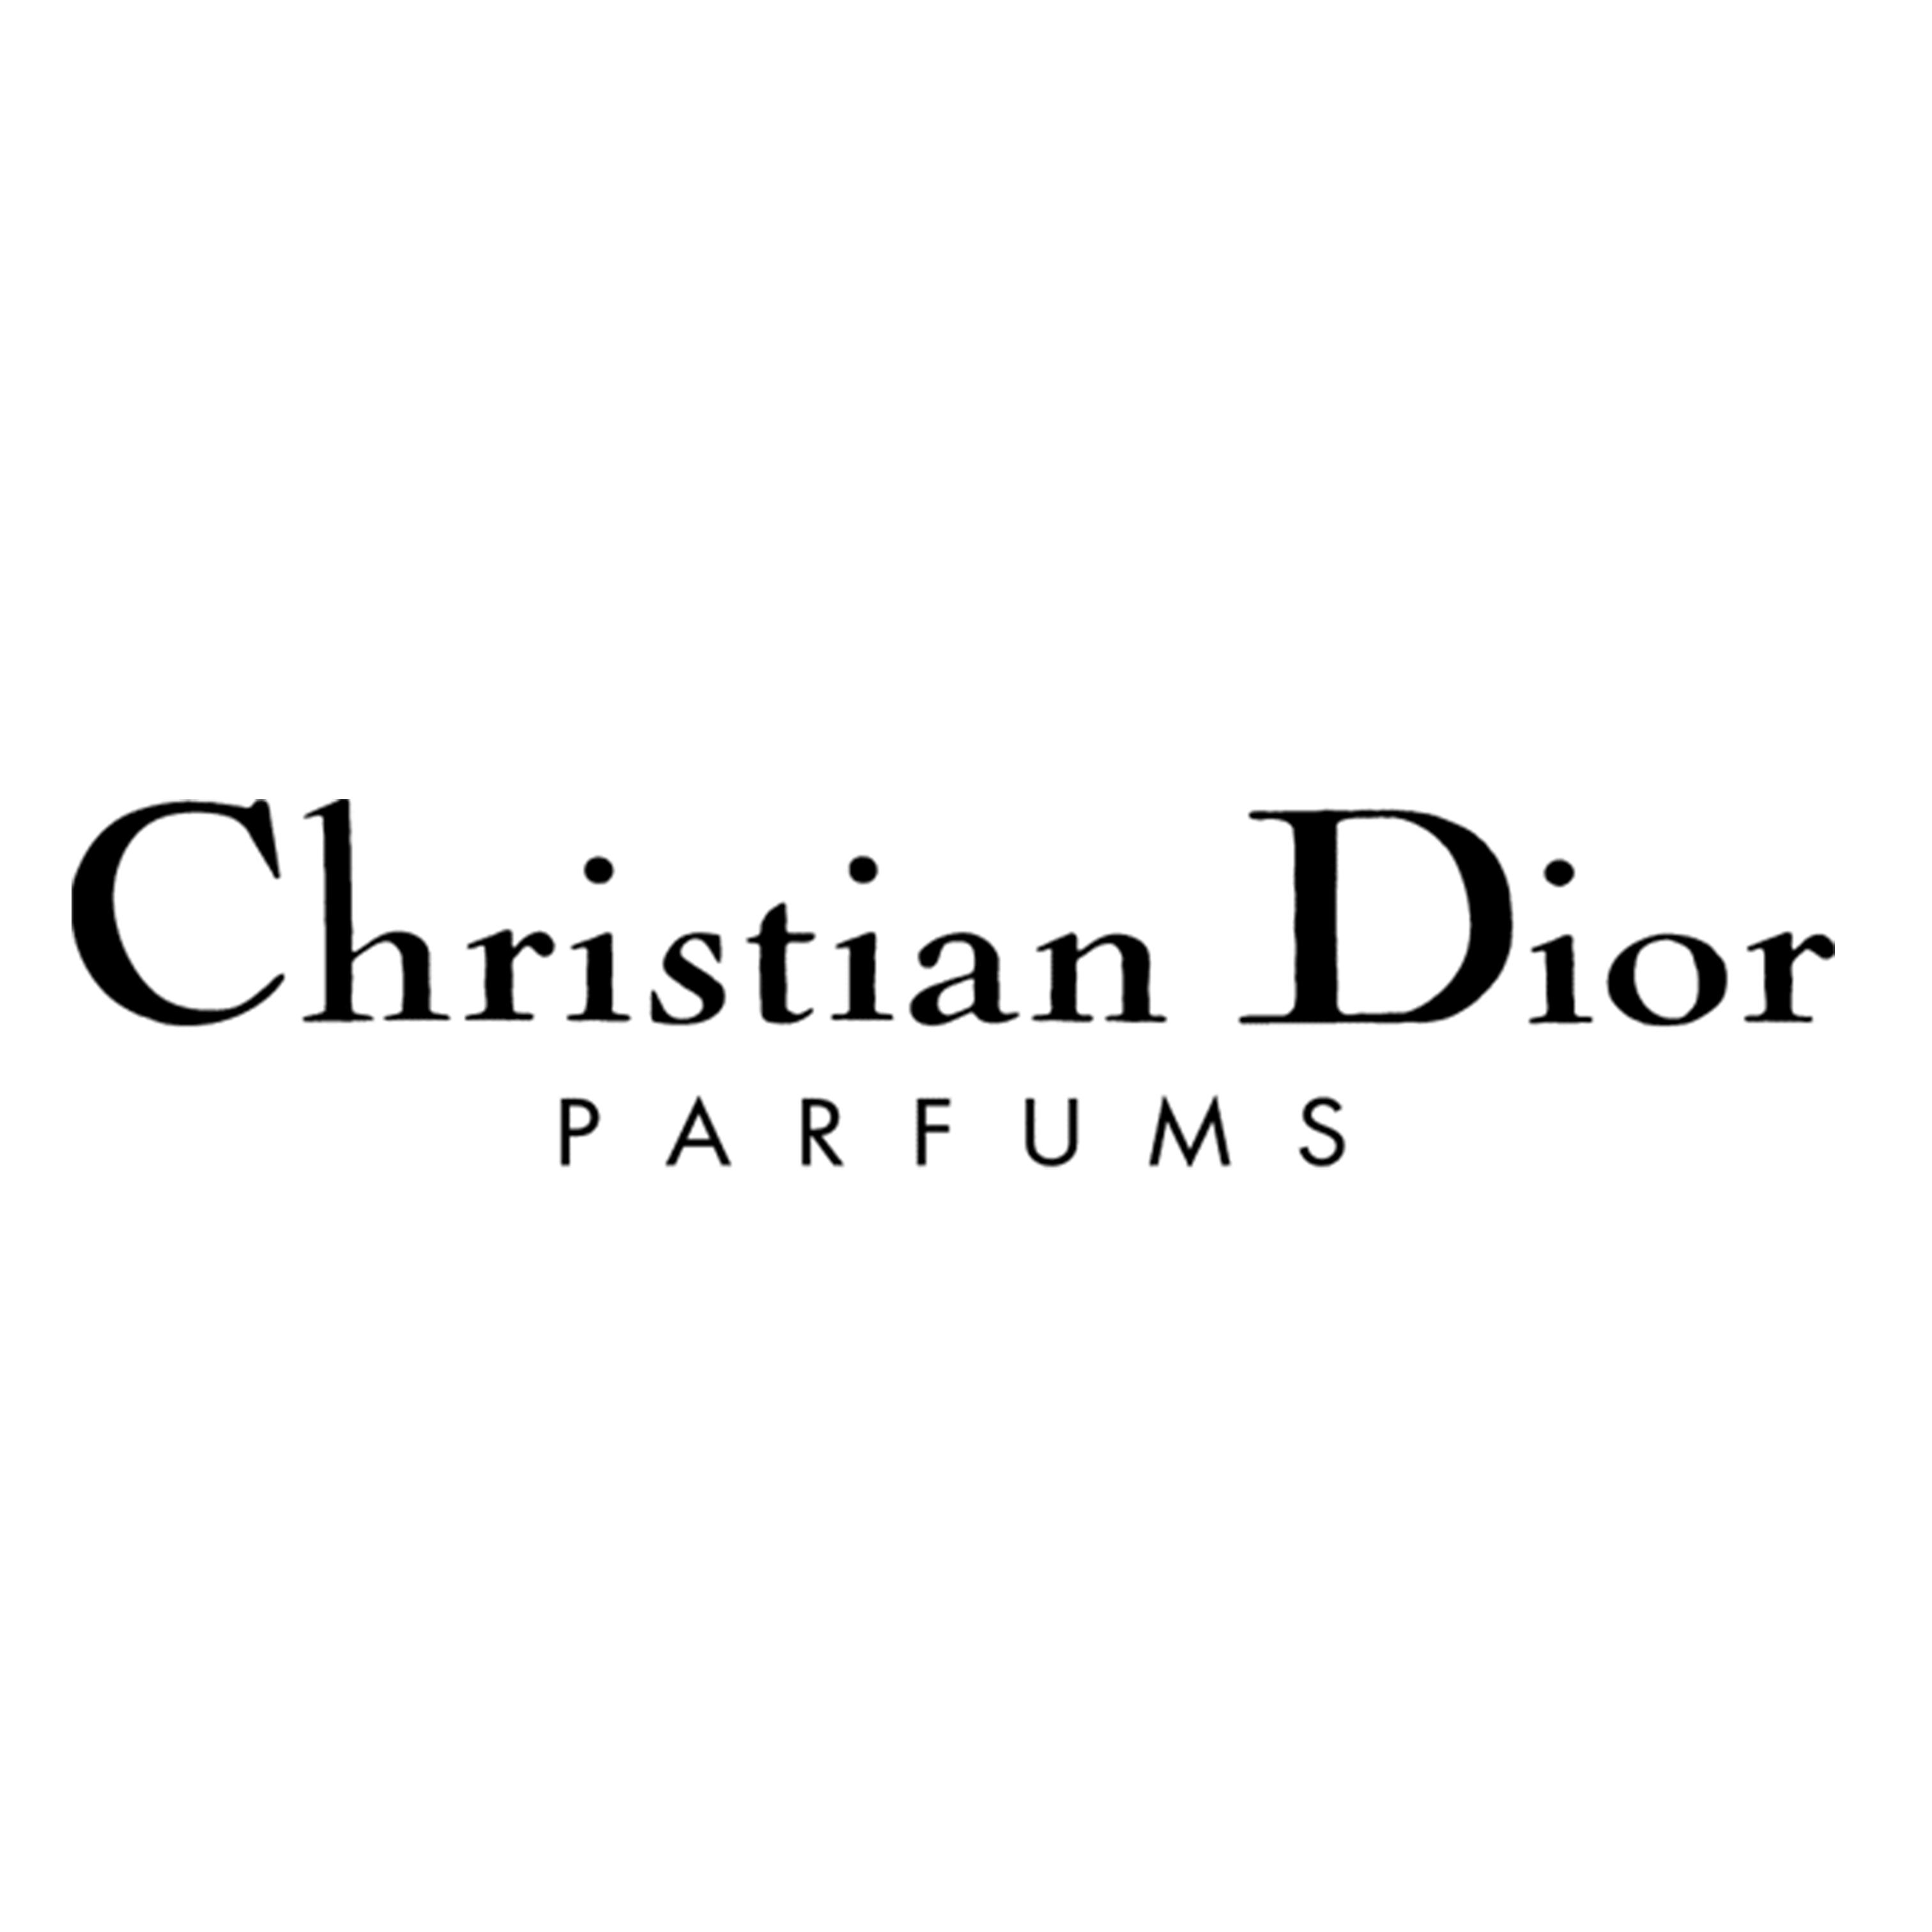 Christian-dior-parfums